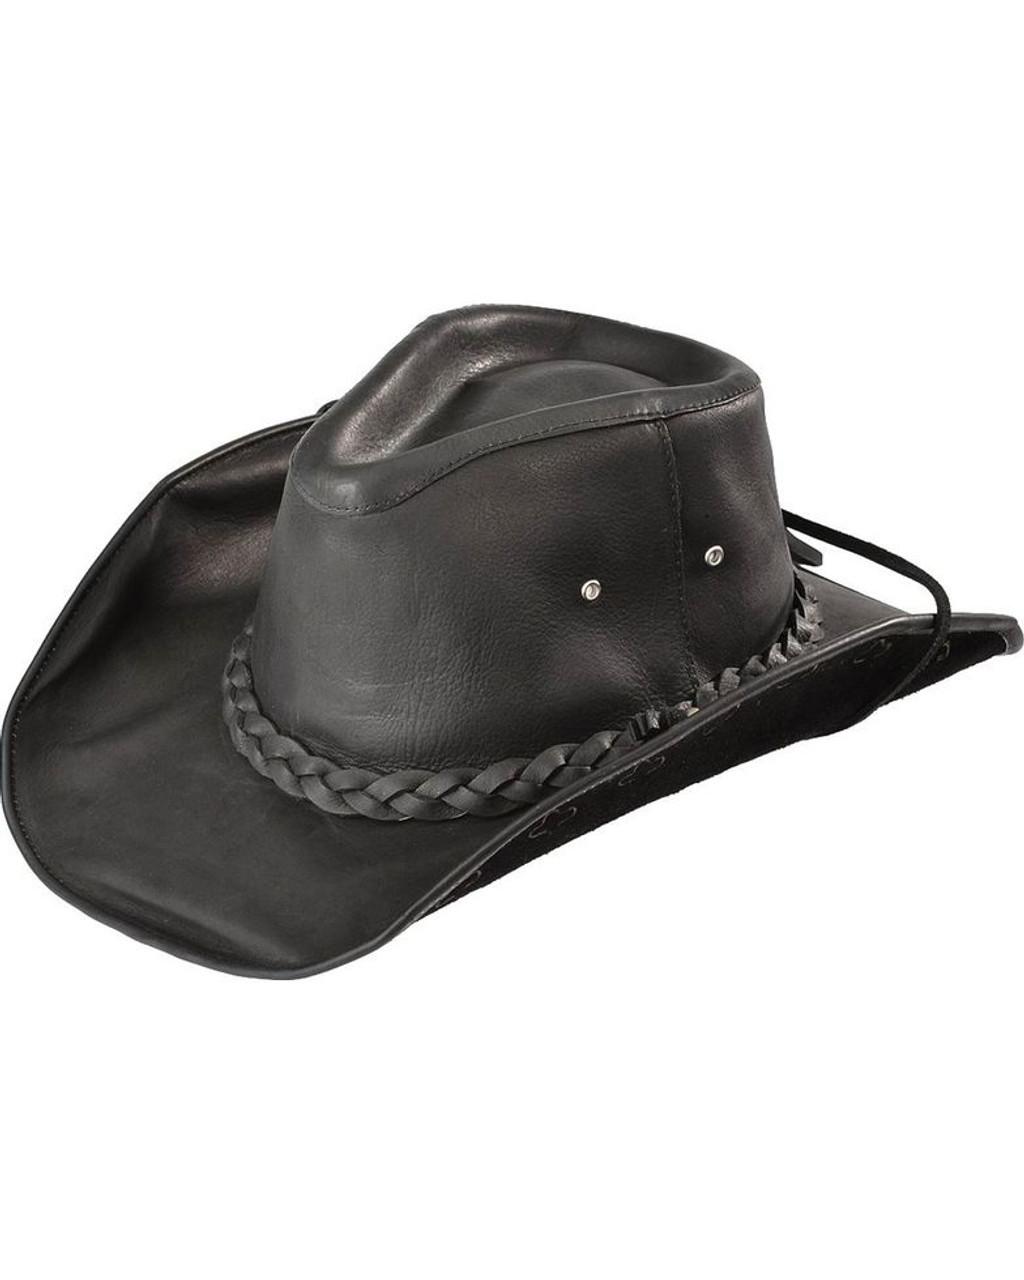 aef5242d2704d Bullhide Melbourne Aussie Outback Cowboy Black Leather Hat 0453BL ...